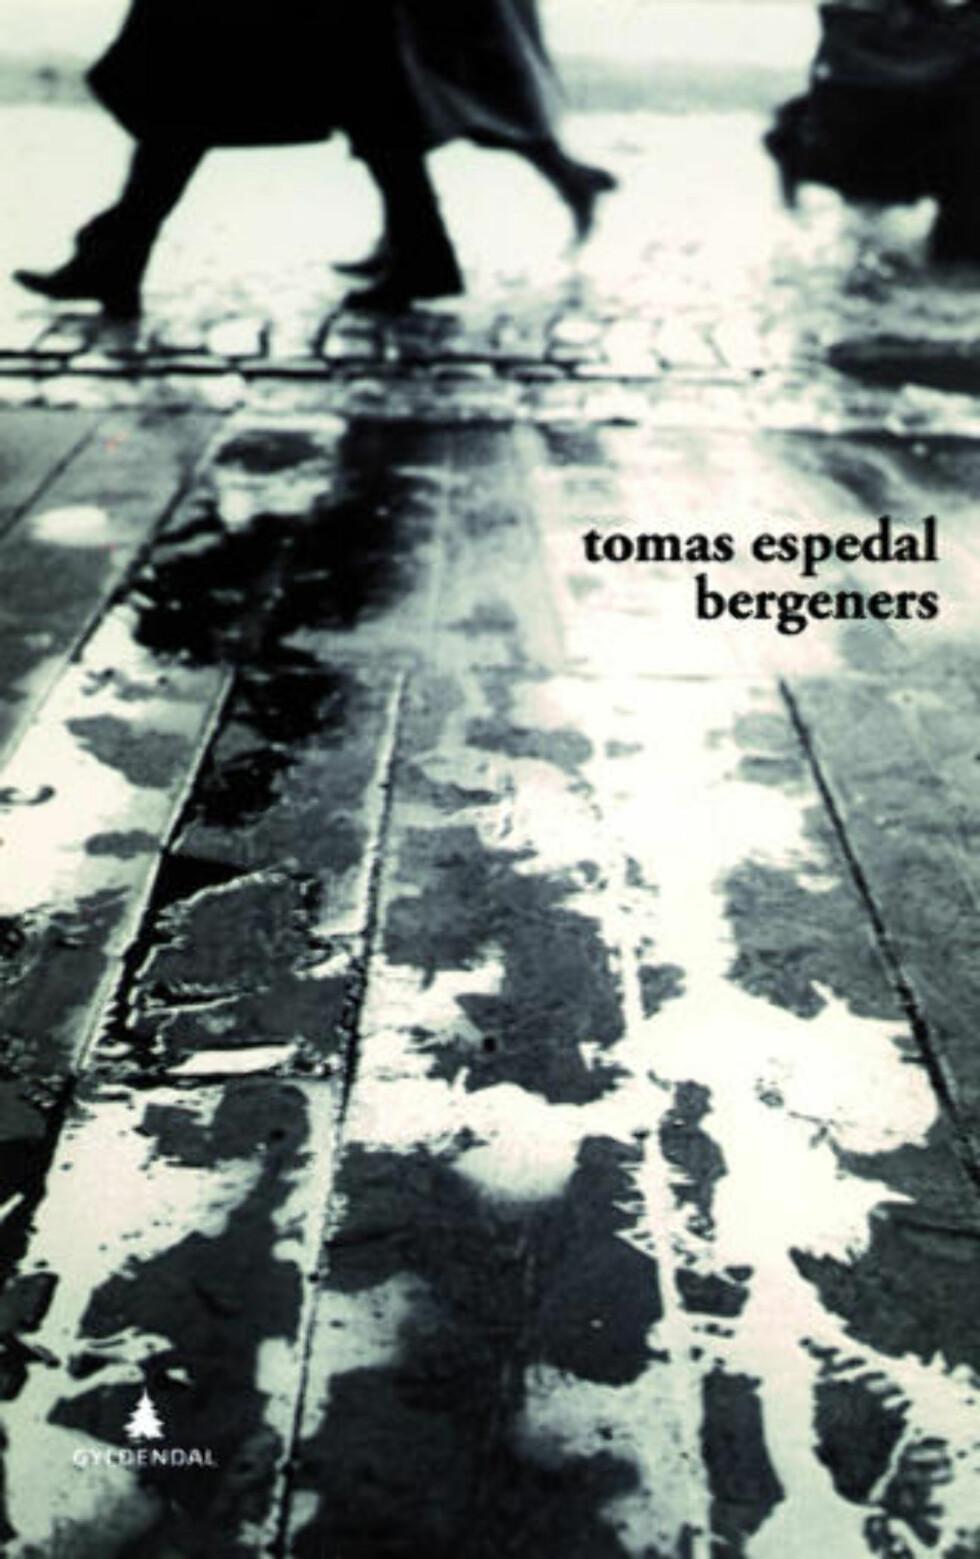 Bergen er byen og romanen er «Bergeners»